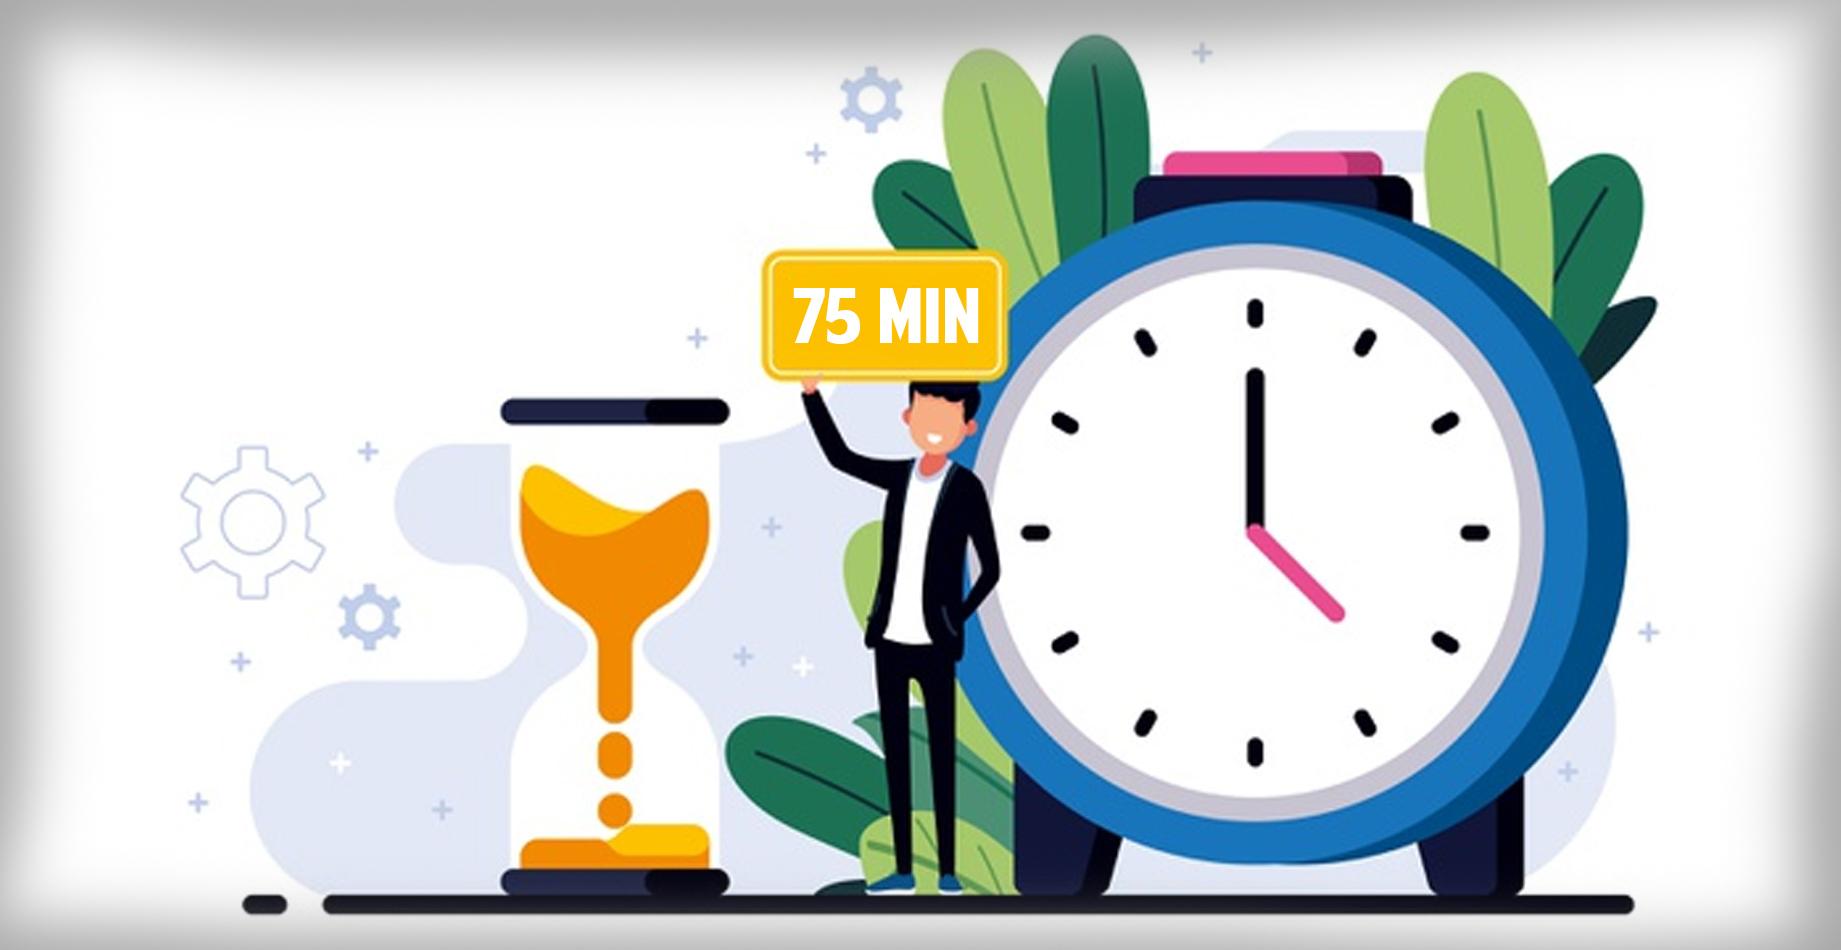 Seventy Five Minutes